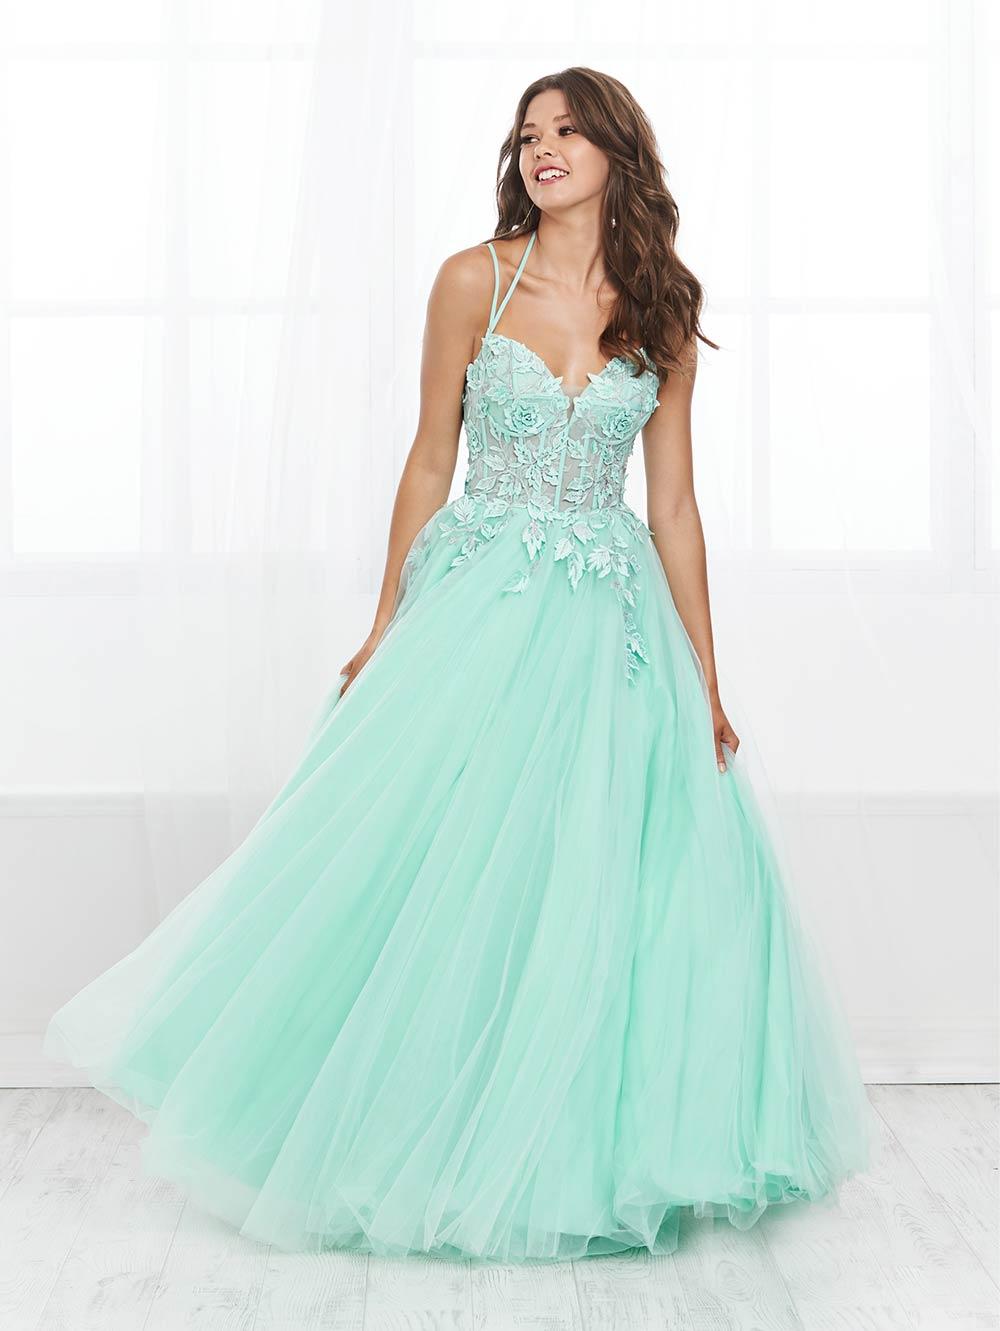 prom-dresses-jacquelin-bridals-canada-27659